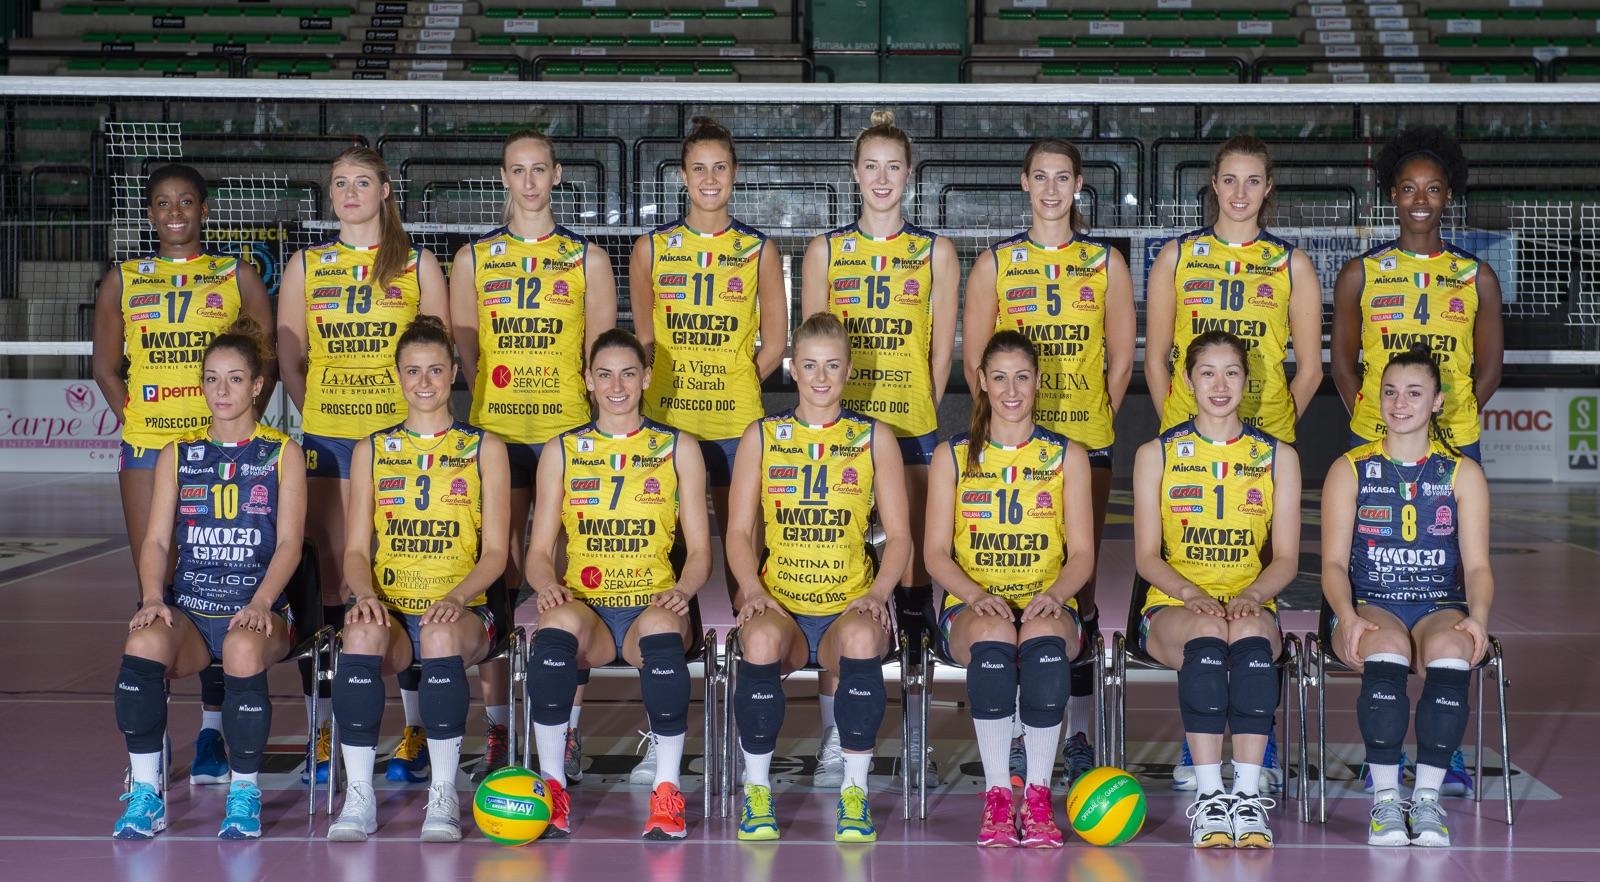 Igor Volley Calendario.Roster Imoco Volley 2018 19 Imoco Volley Conegliano